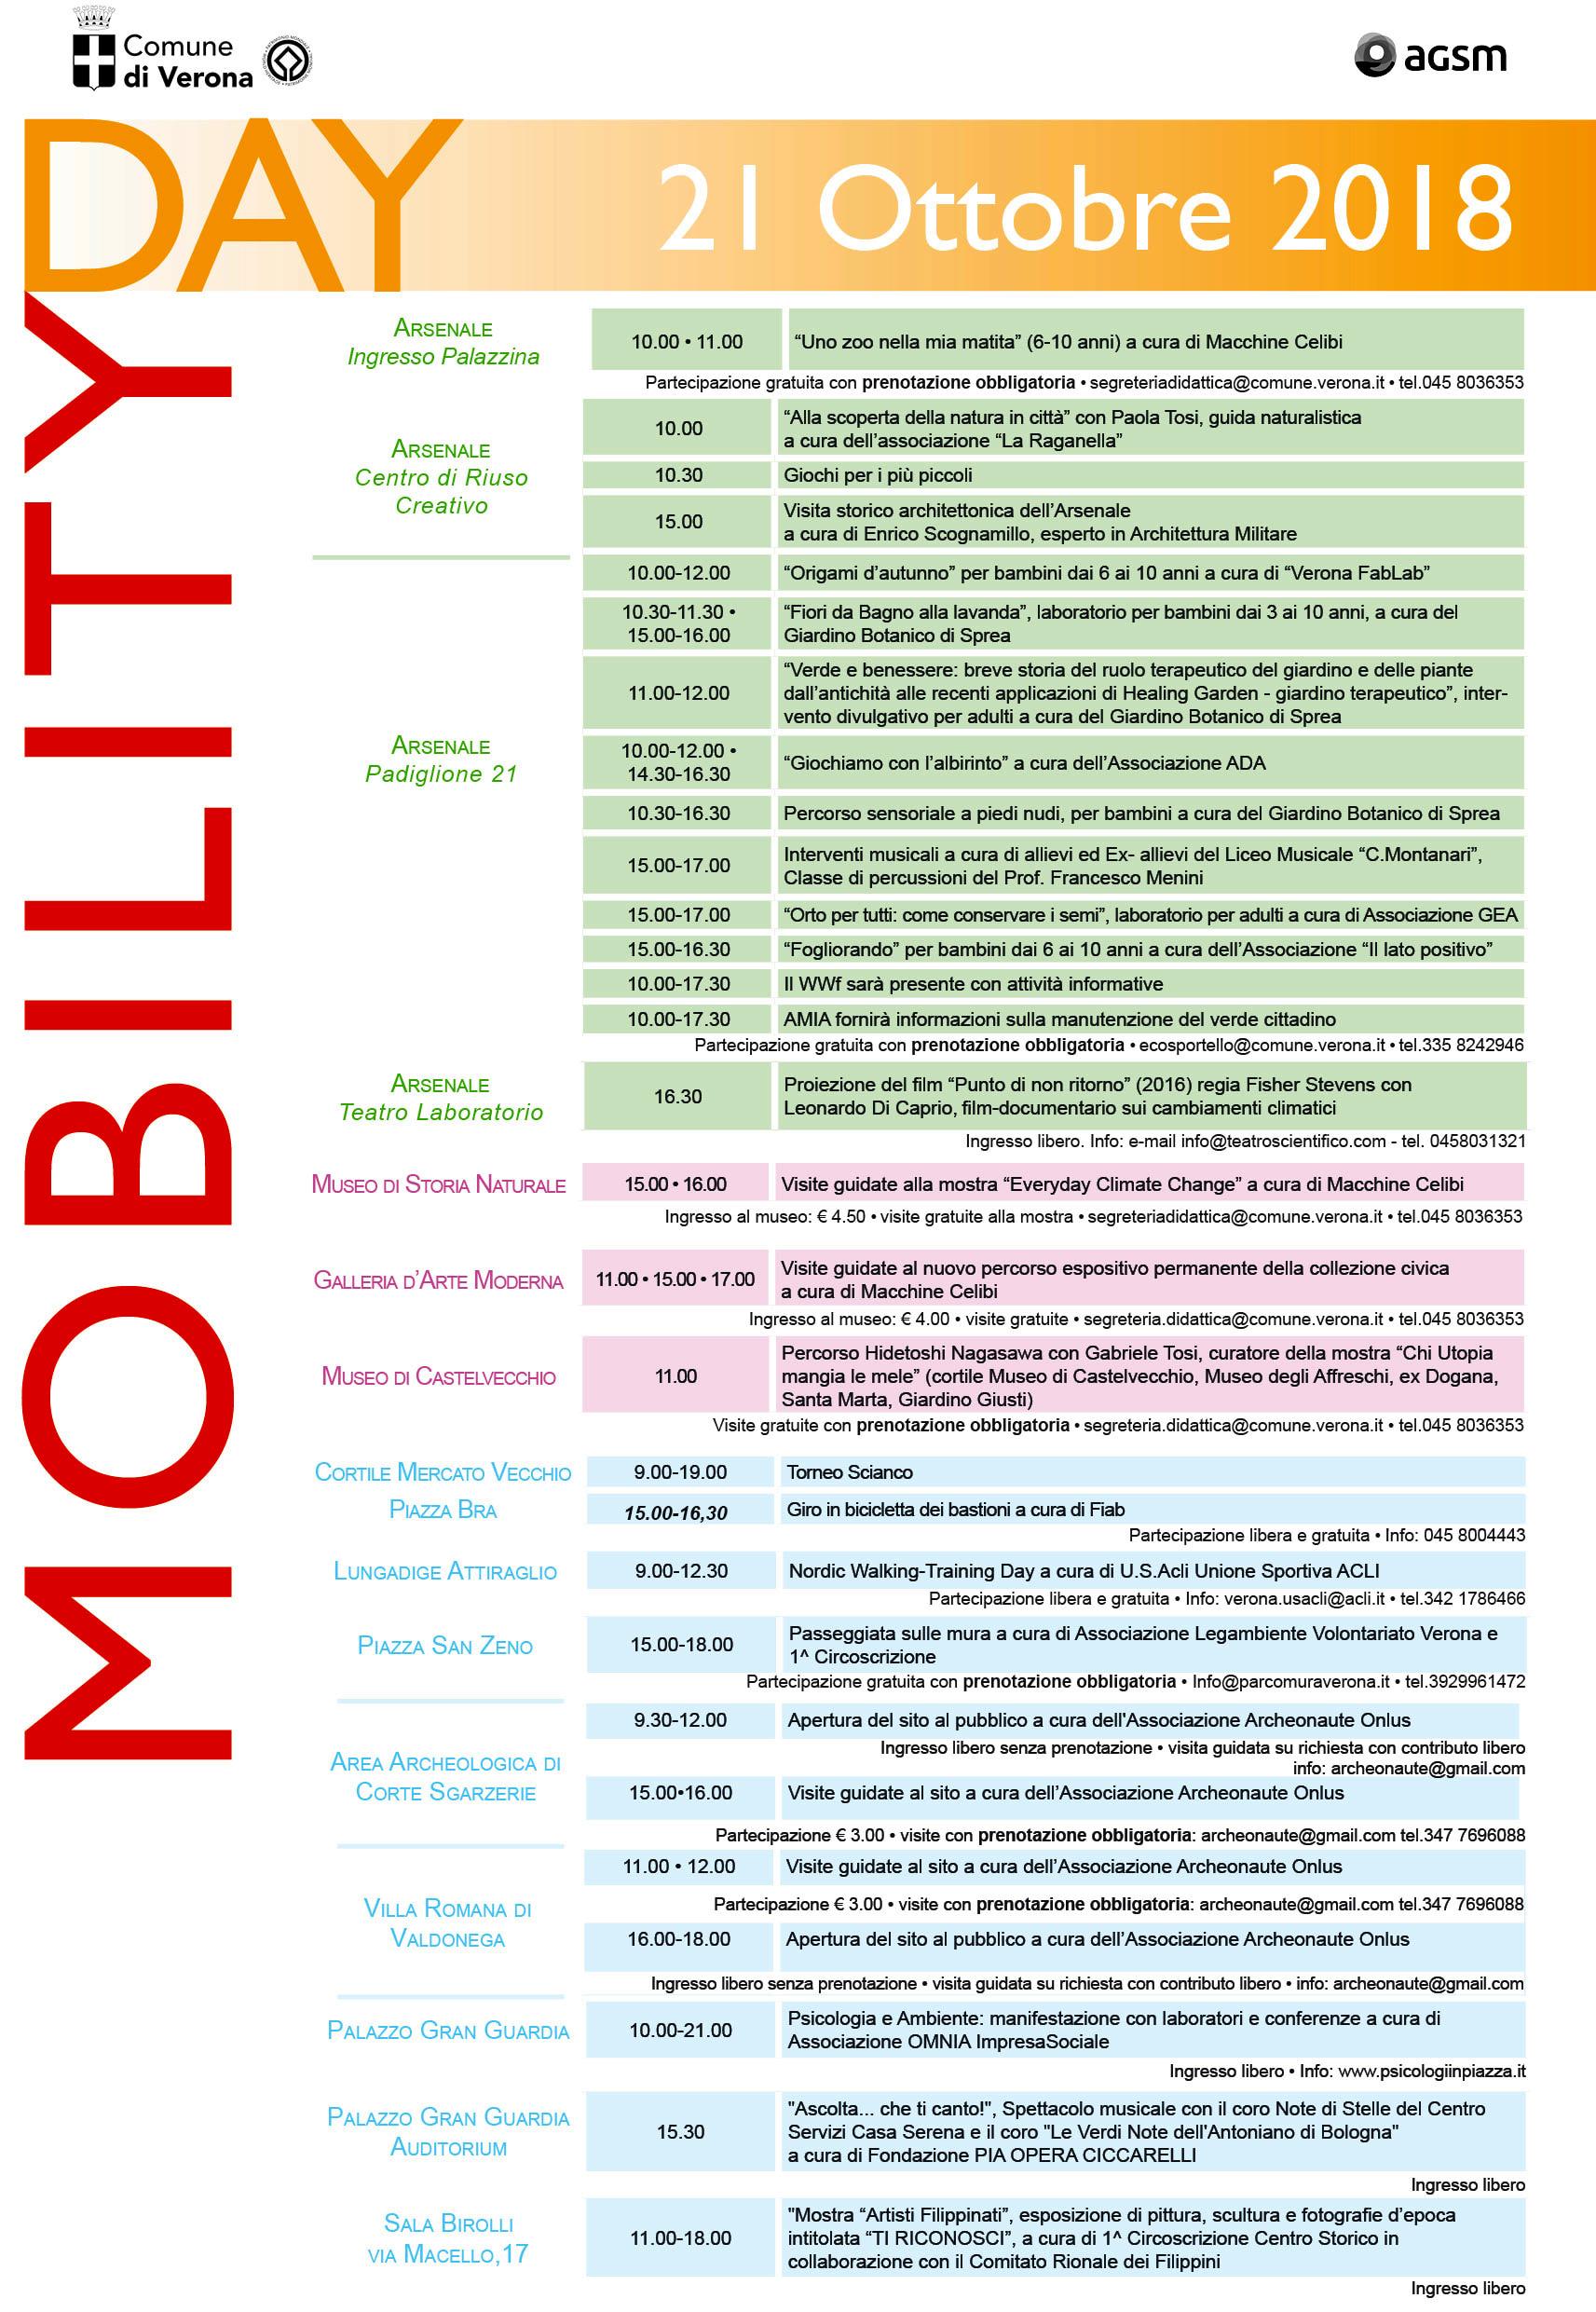 Mobility_Day_21_ottobre_Appuntamenti-2